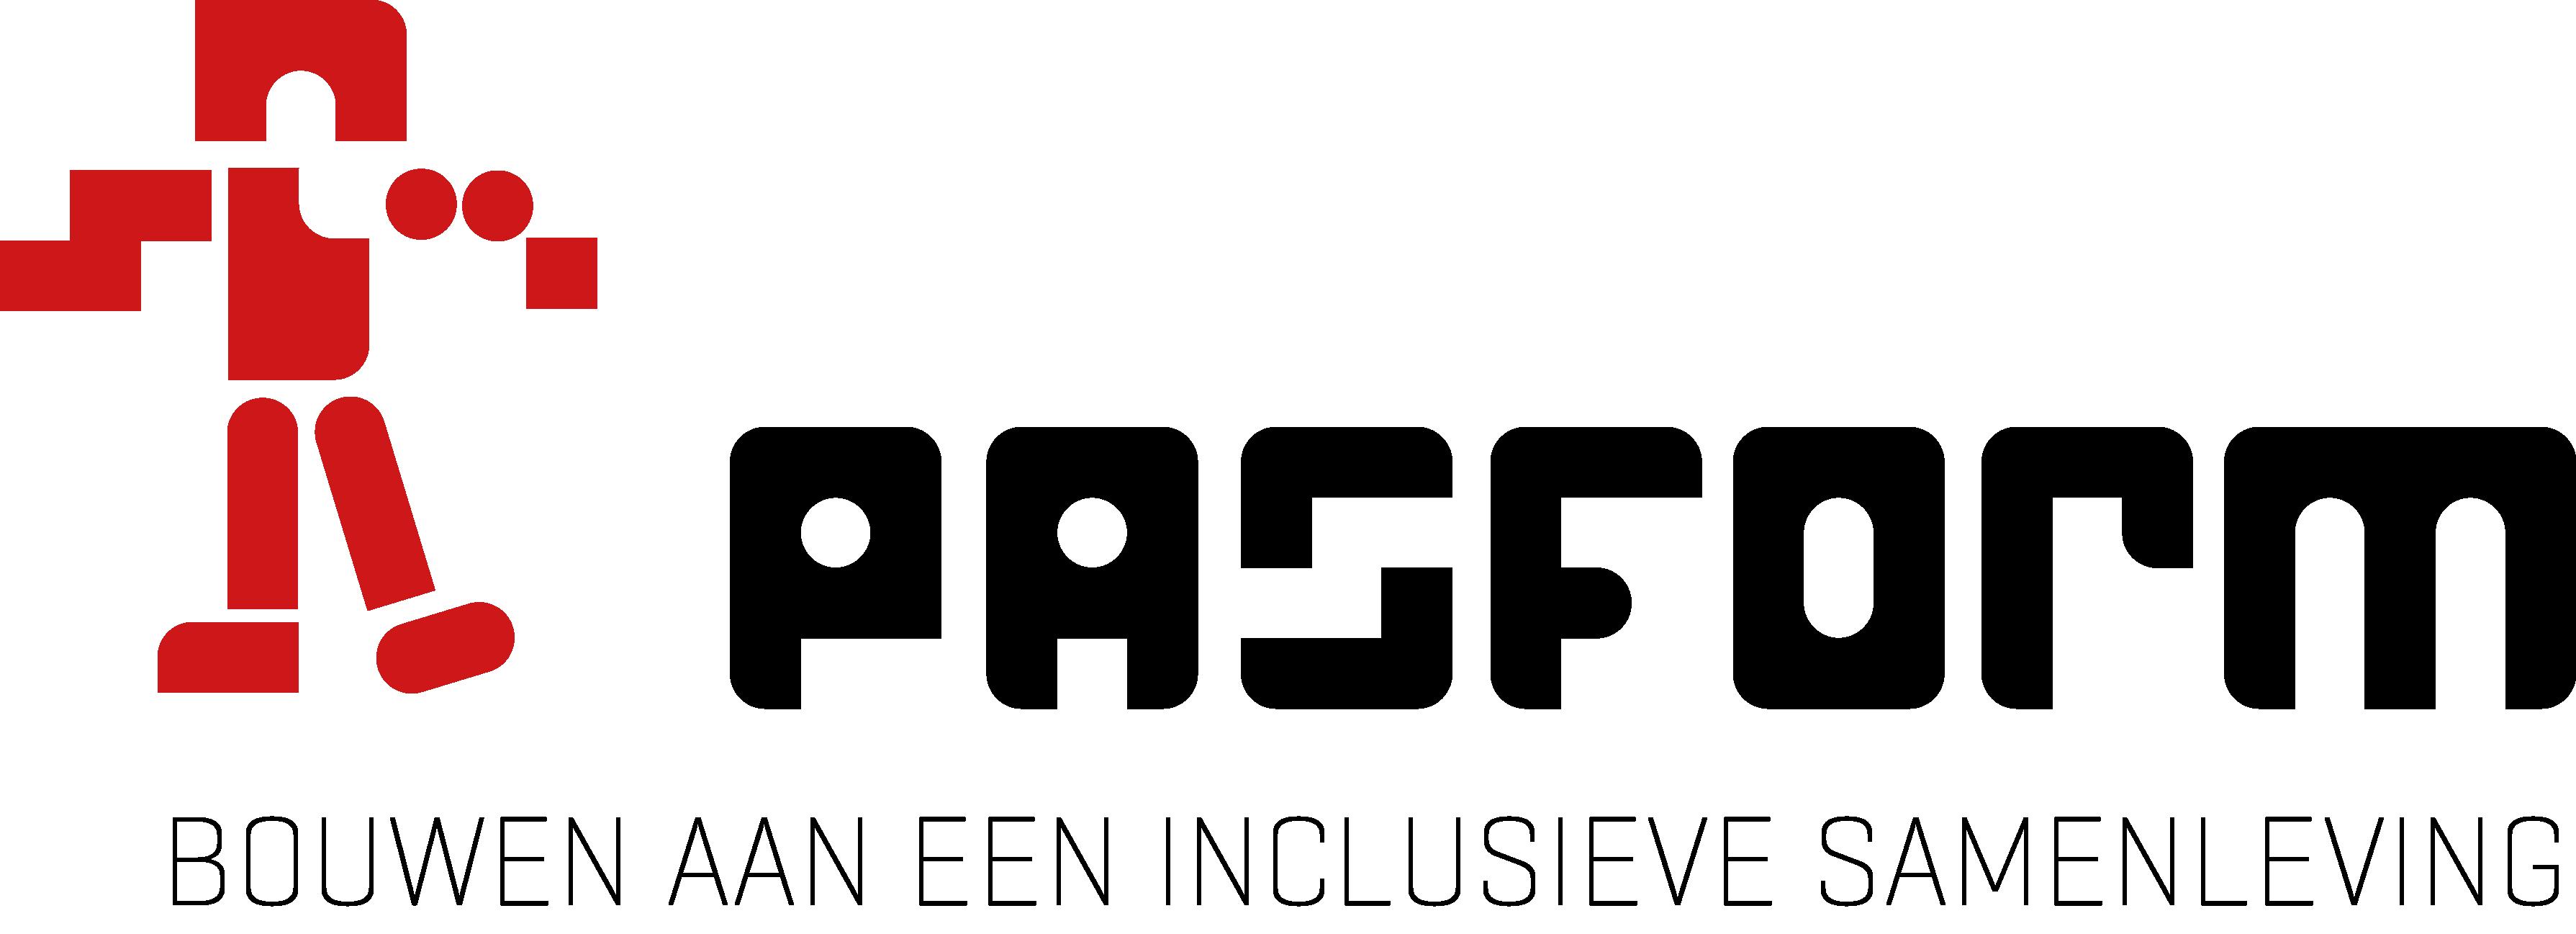 Een rood mannetje kijkt naar de letters die het woord pasvorm vormen en onder de afbeelding staat Bouwen aan een inclusieve samenleving